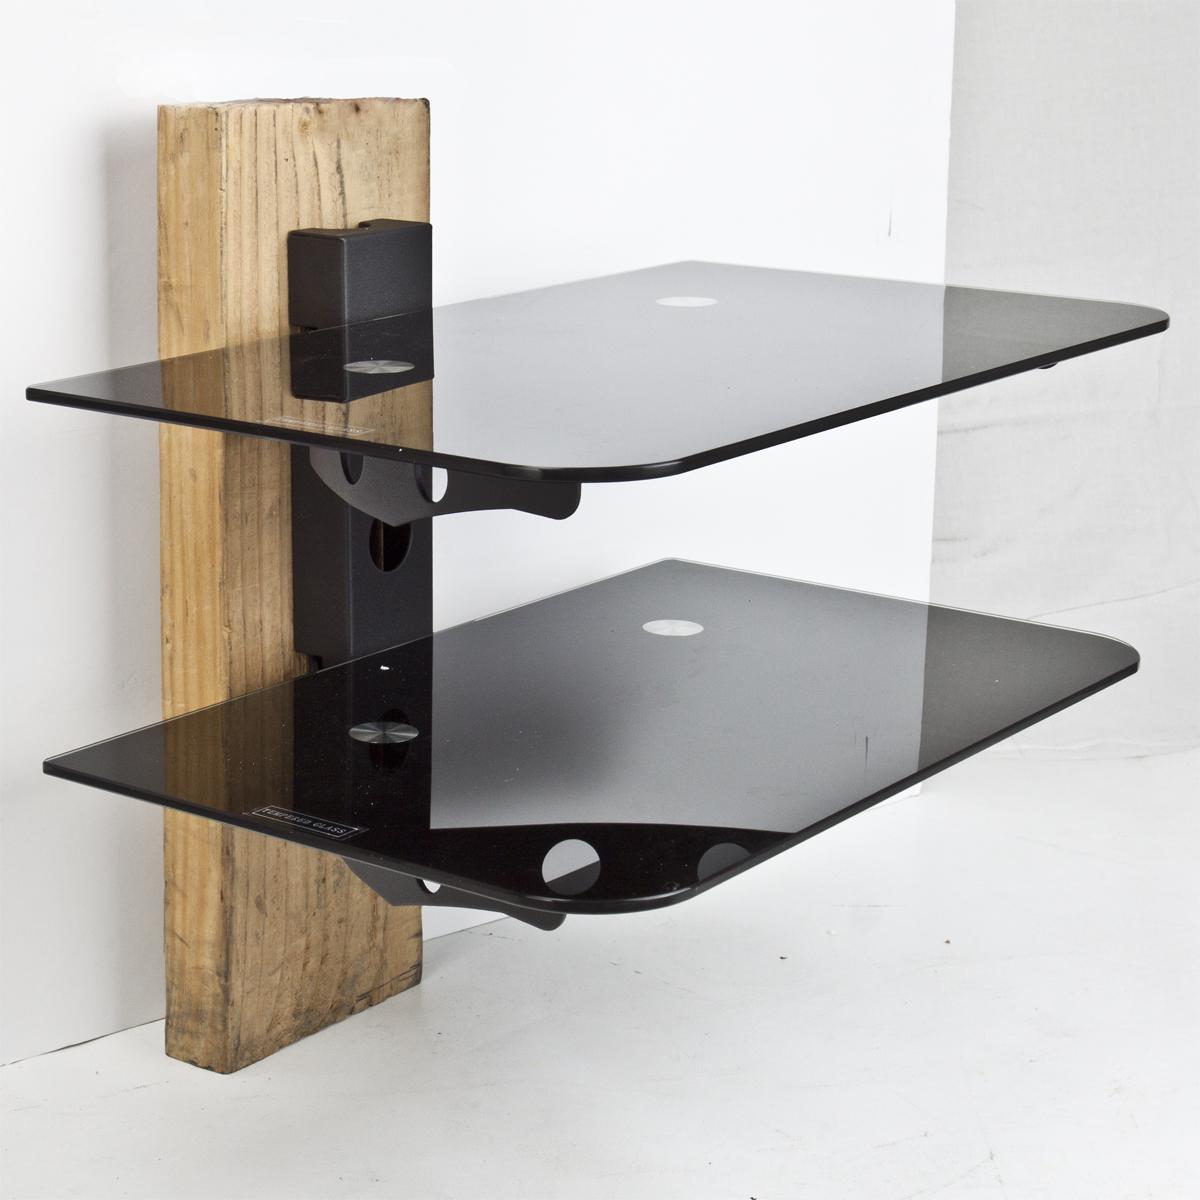 Wall Mount Stereo Cabinet Nagpurentrepreneurs